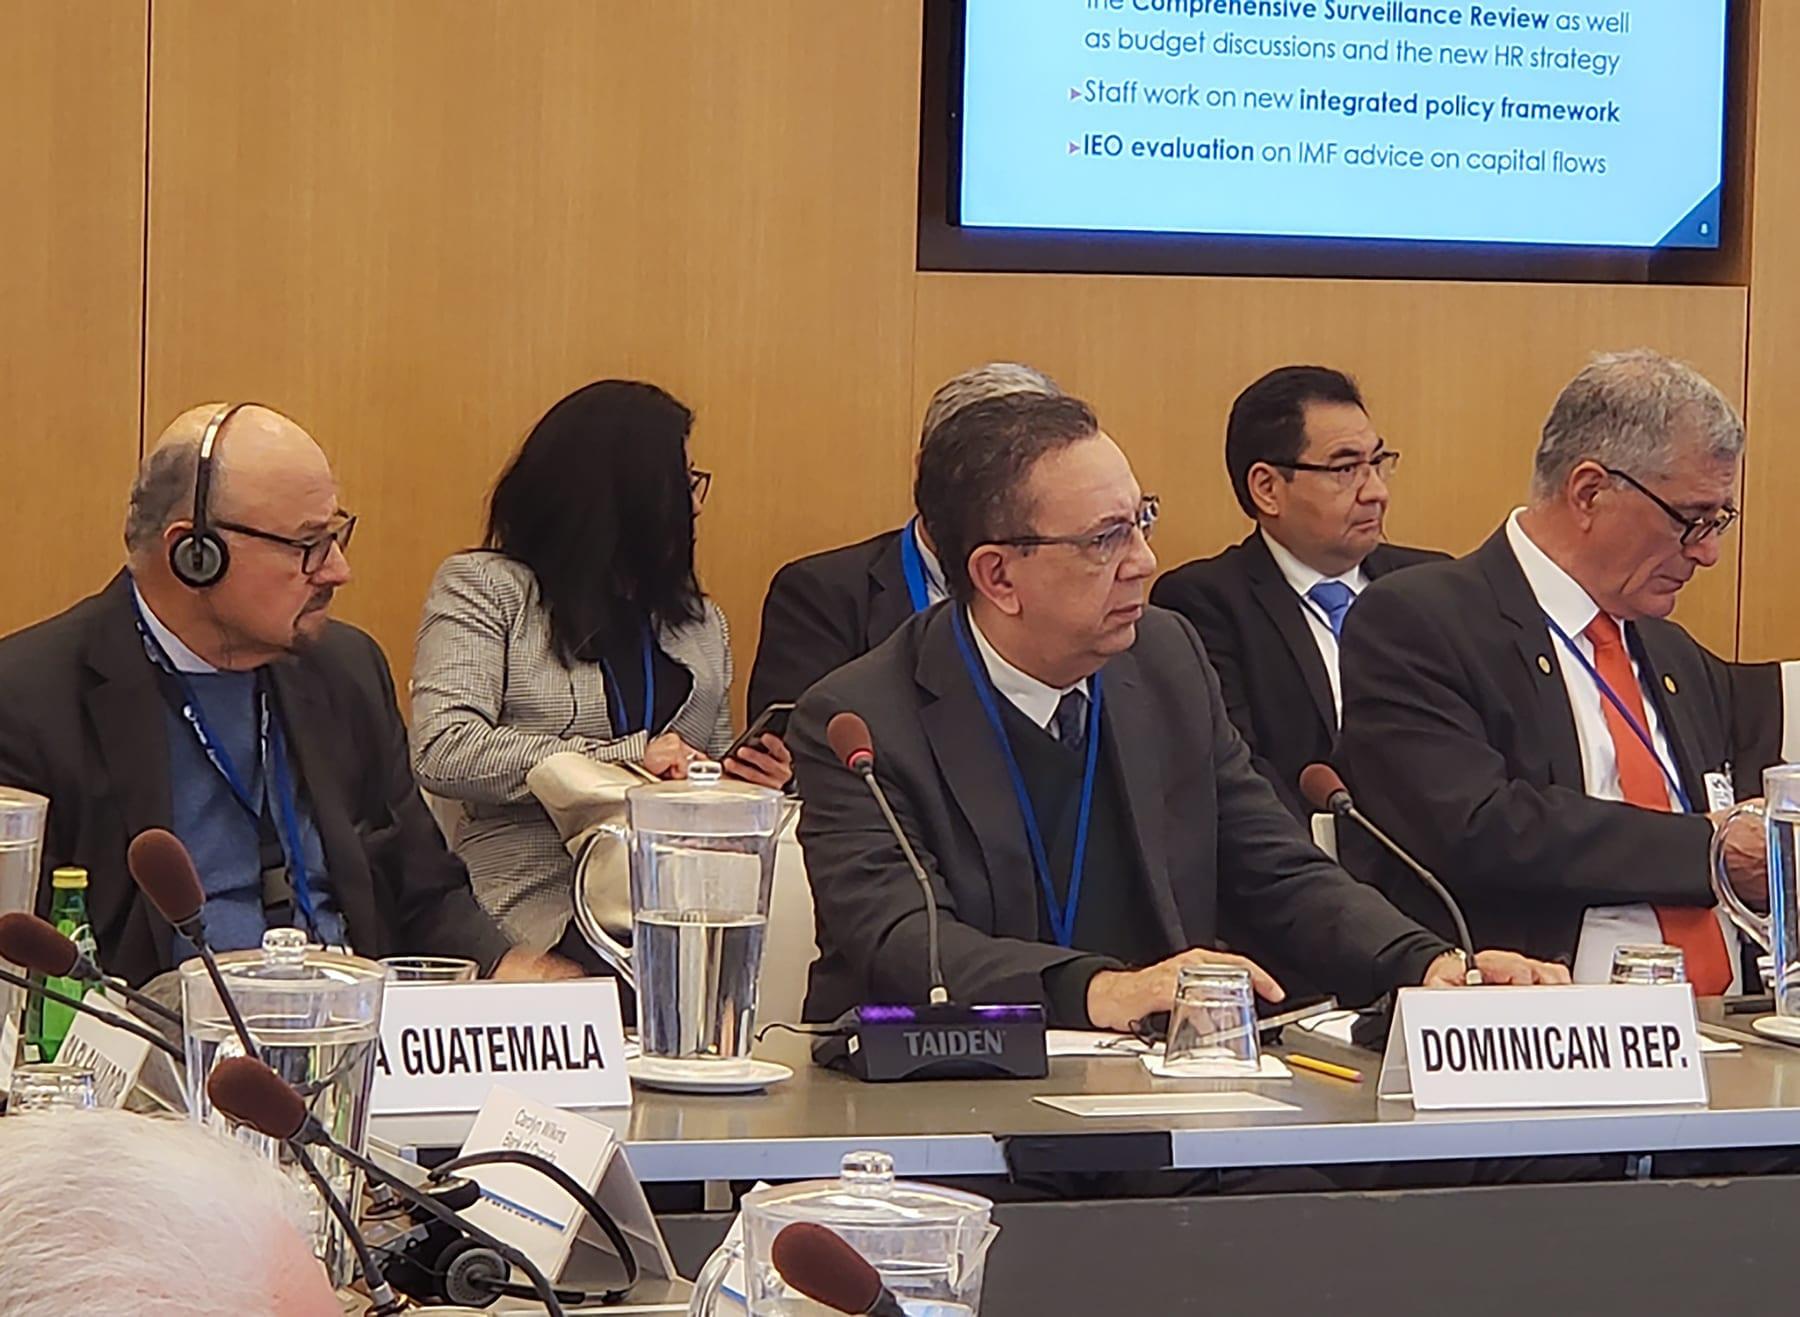 Gobernador Banco Central RD Lic. Valdez Albizu participa en las reuniones anuales del FMI y BM